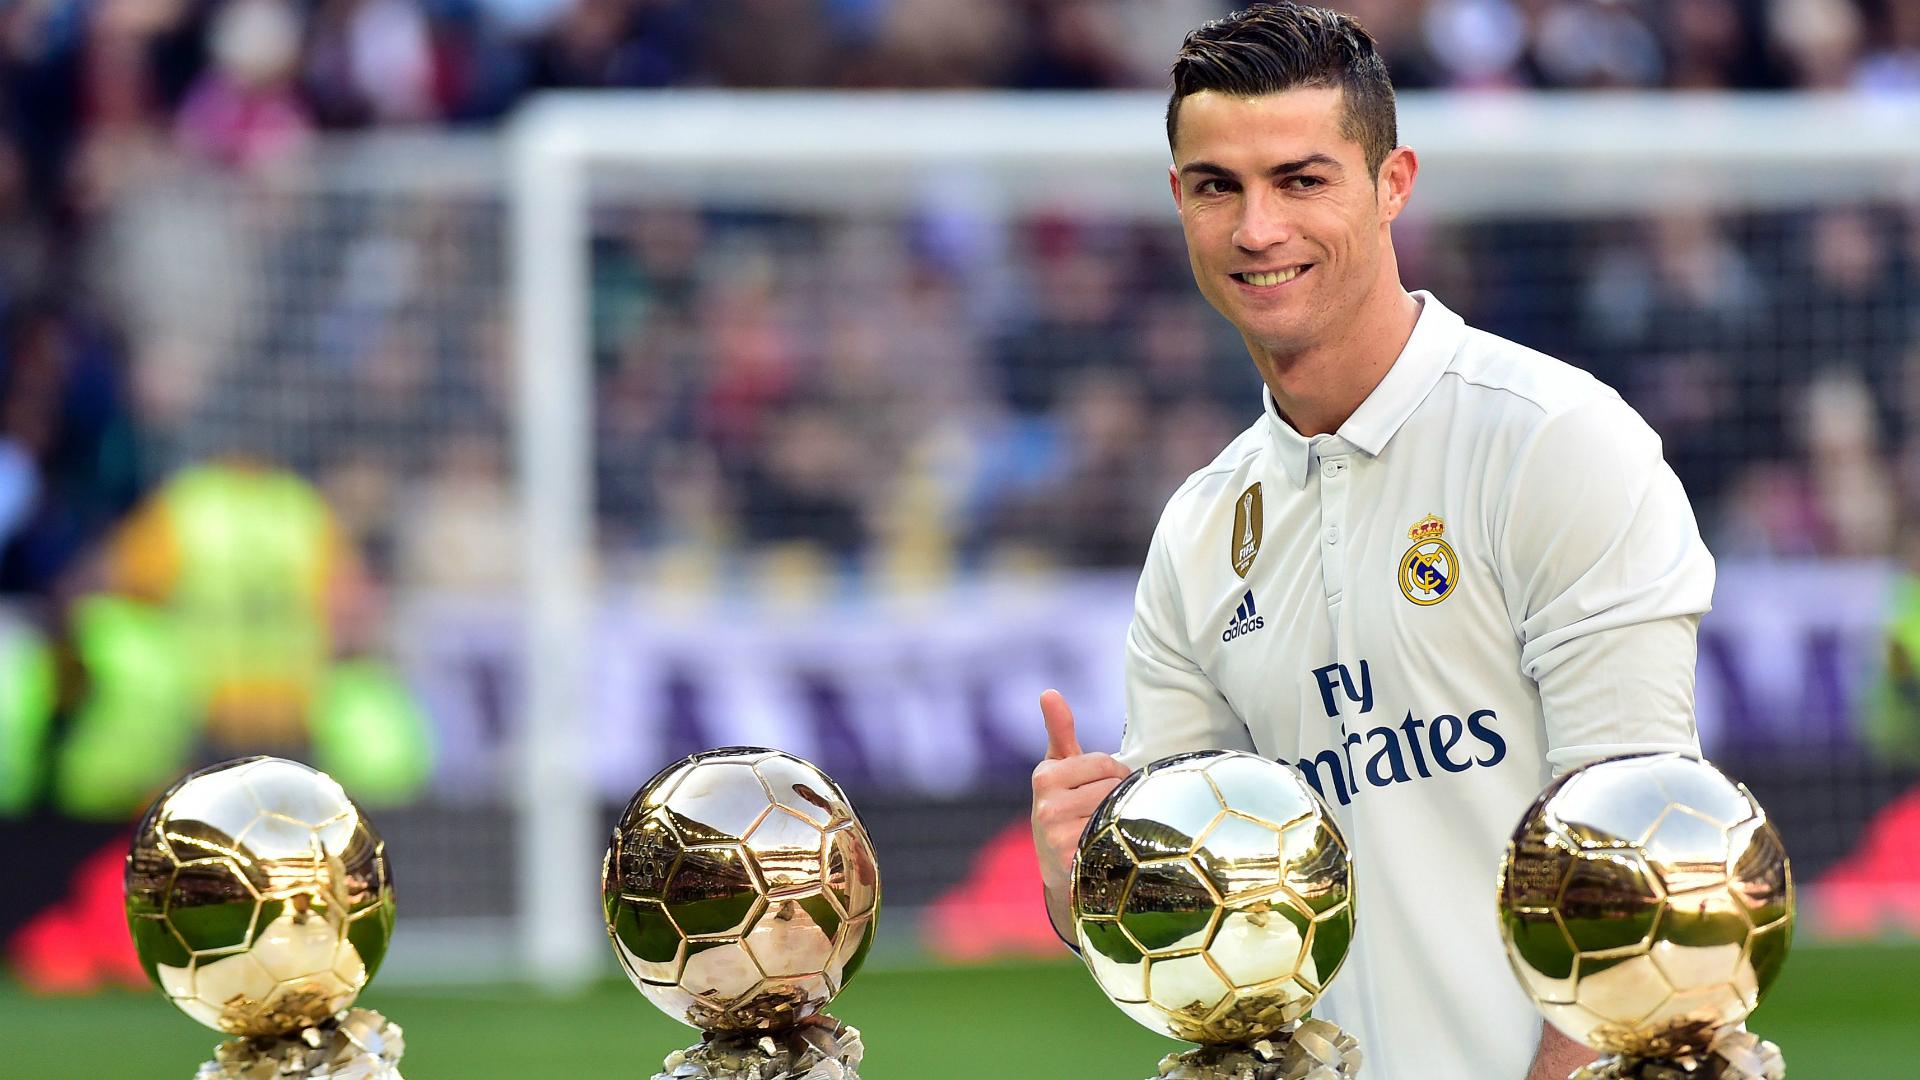 رونالدو و4 كرة ذهبية